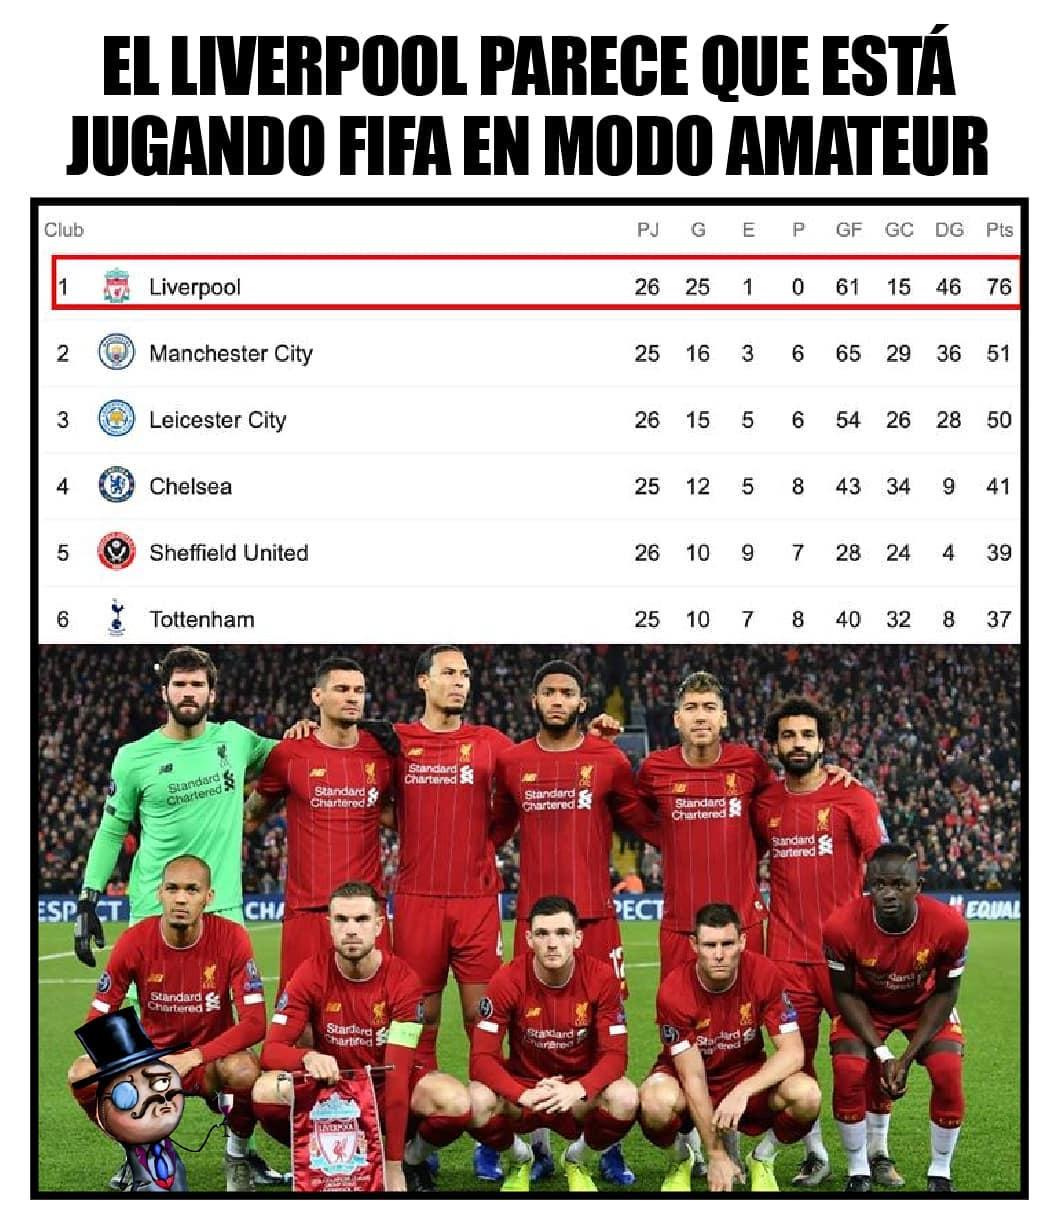 El Liverpool parece que está jugando Fifa en modo amateur.